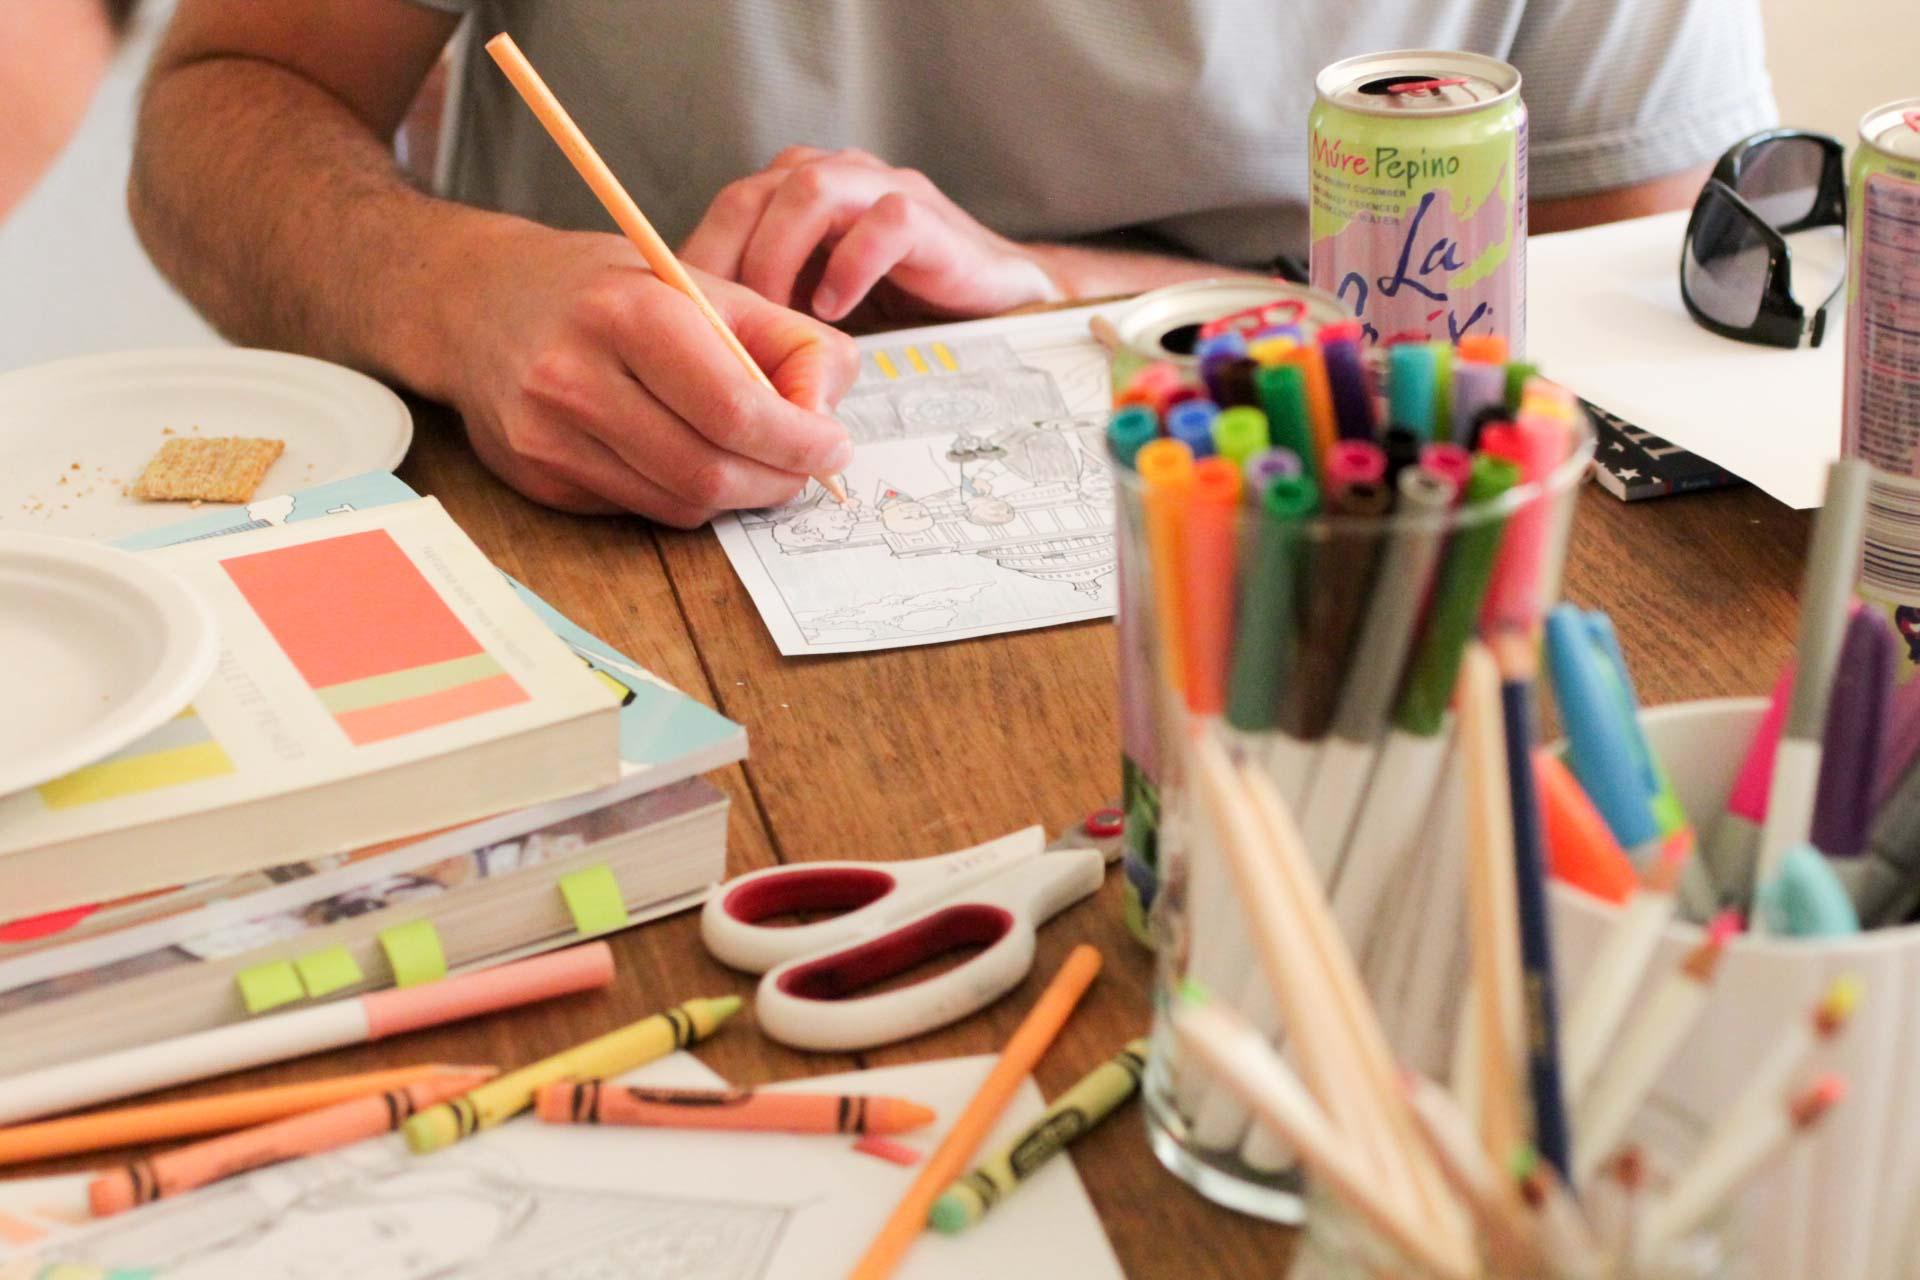 cocktailsandcraft-coloring-dc-workshop (11 of 17).jpg